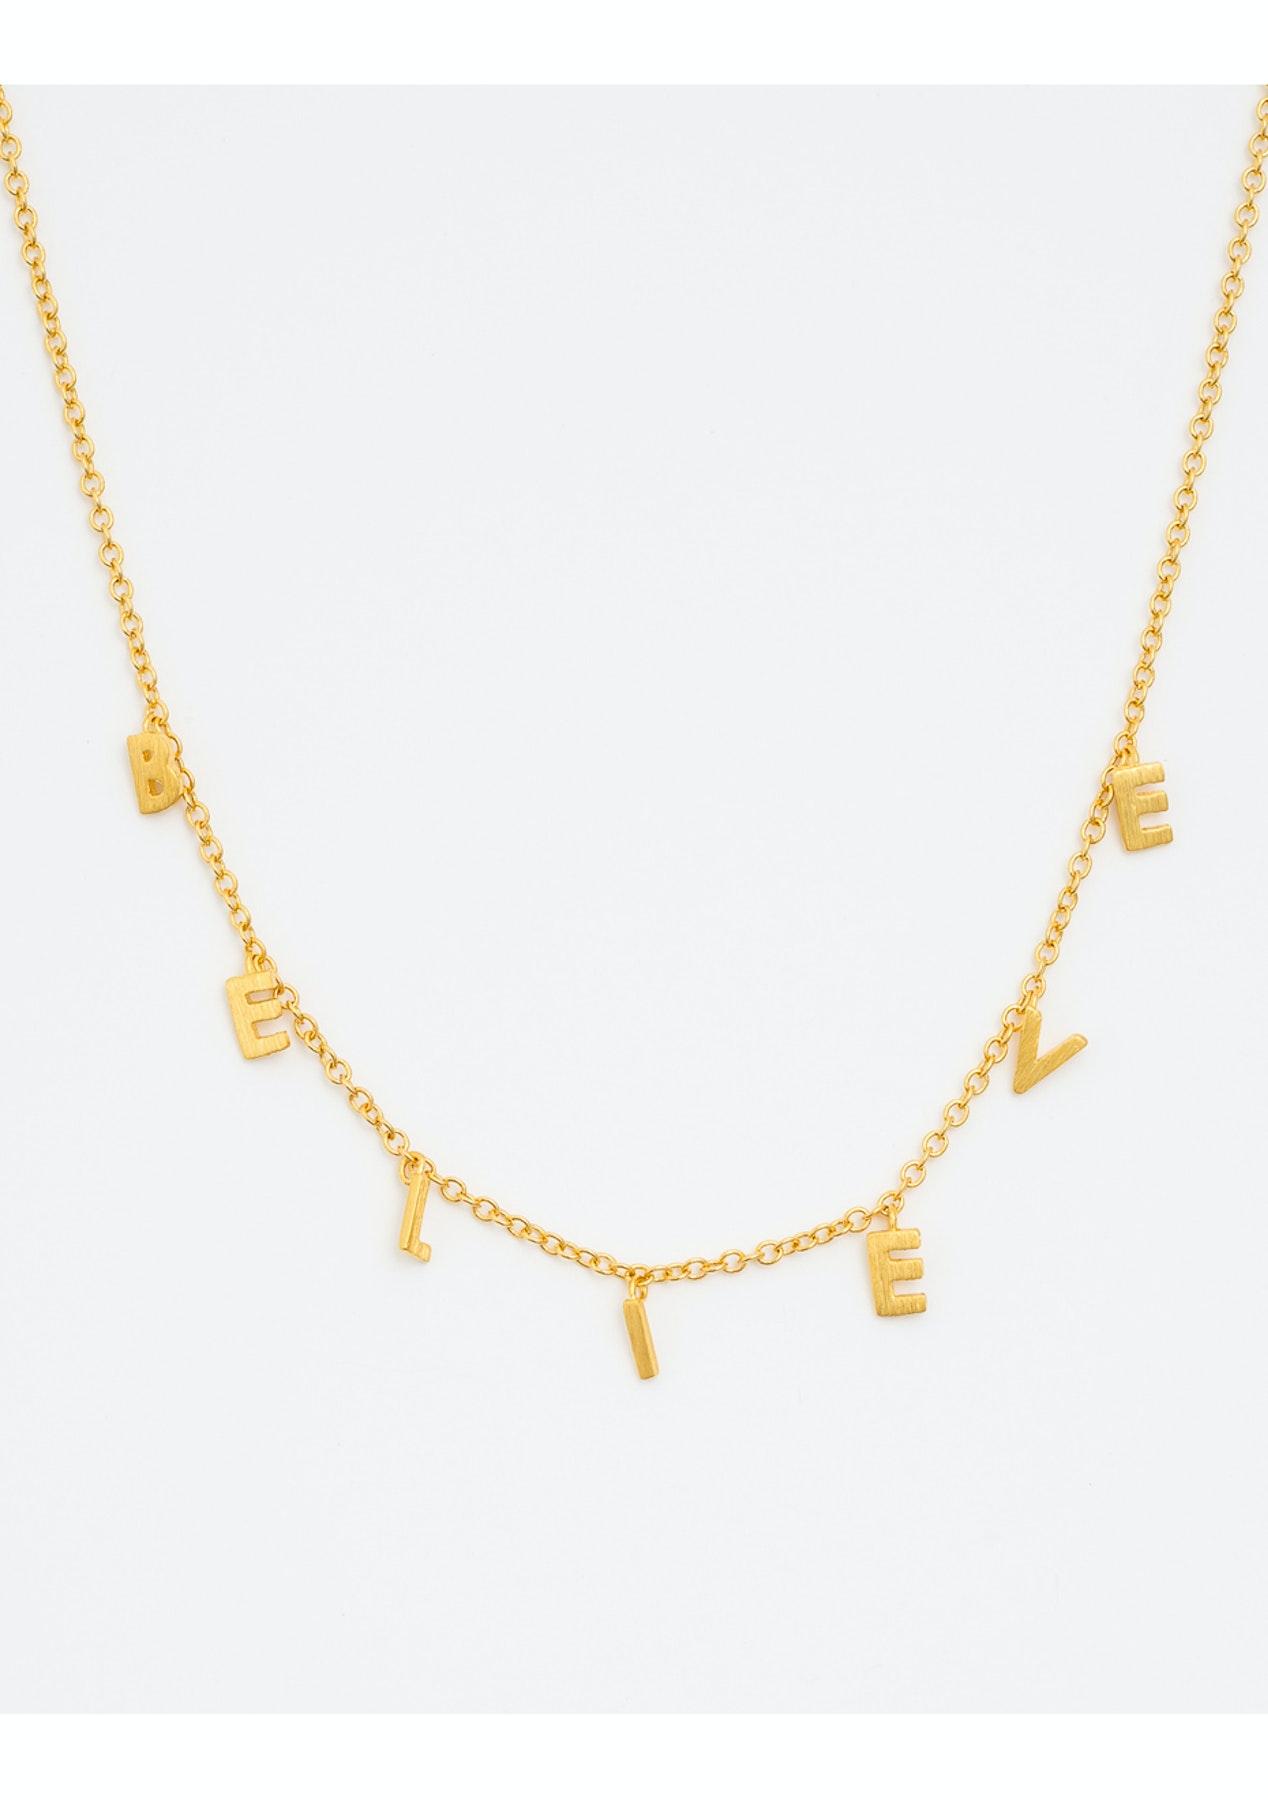 6fef2609f206 Stella + Gemma - Necklace Believe Gold - Boxing Day Stella + Gemma Under   20 Sale! - Onceit